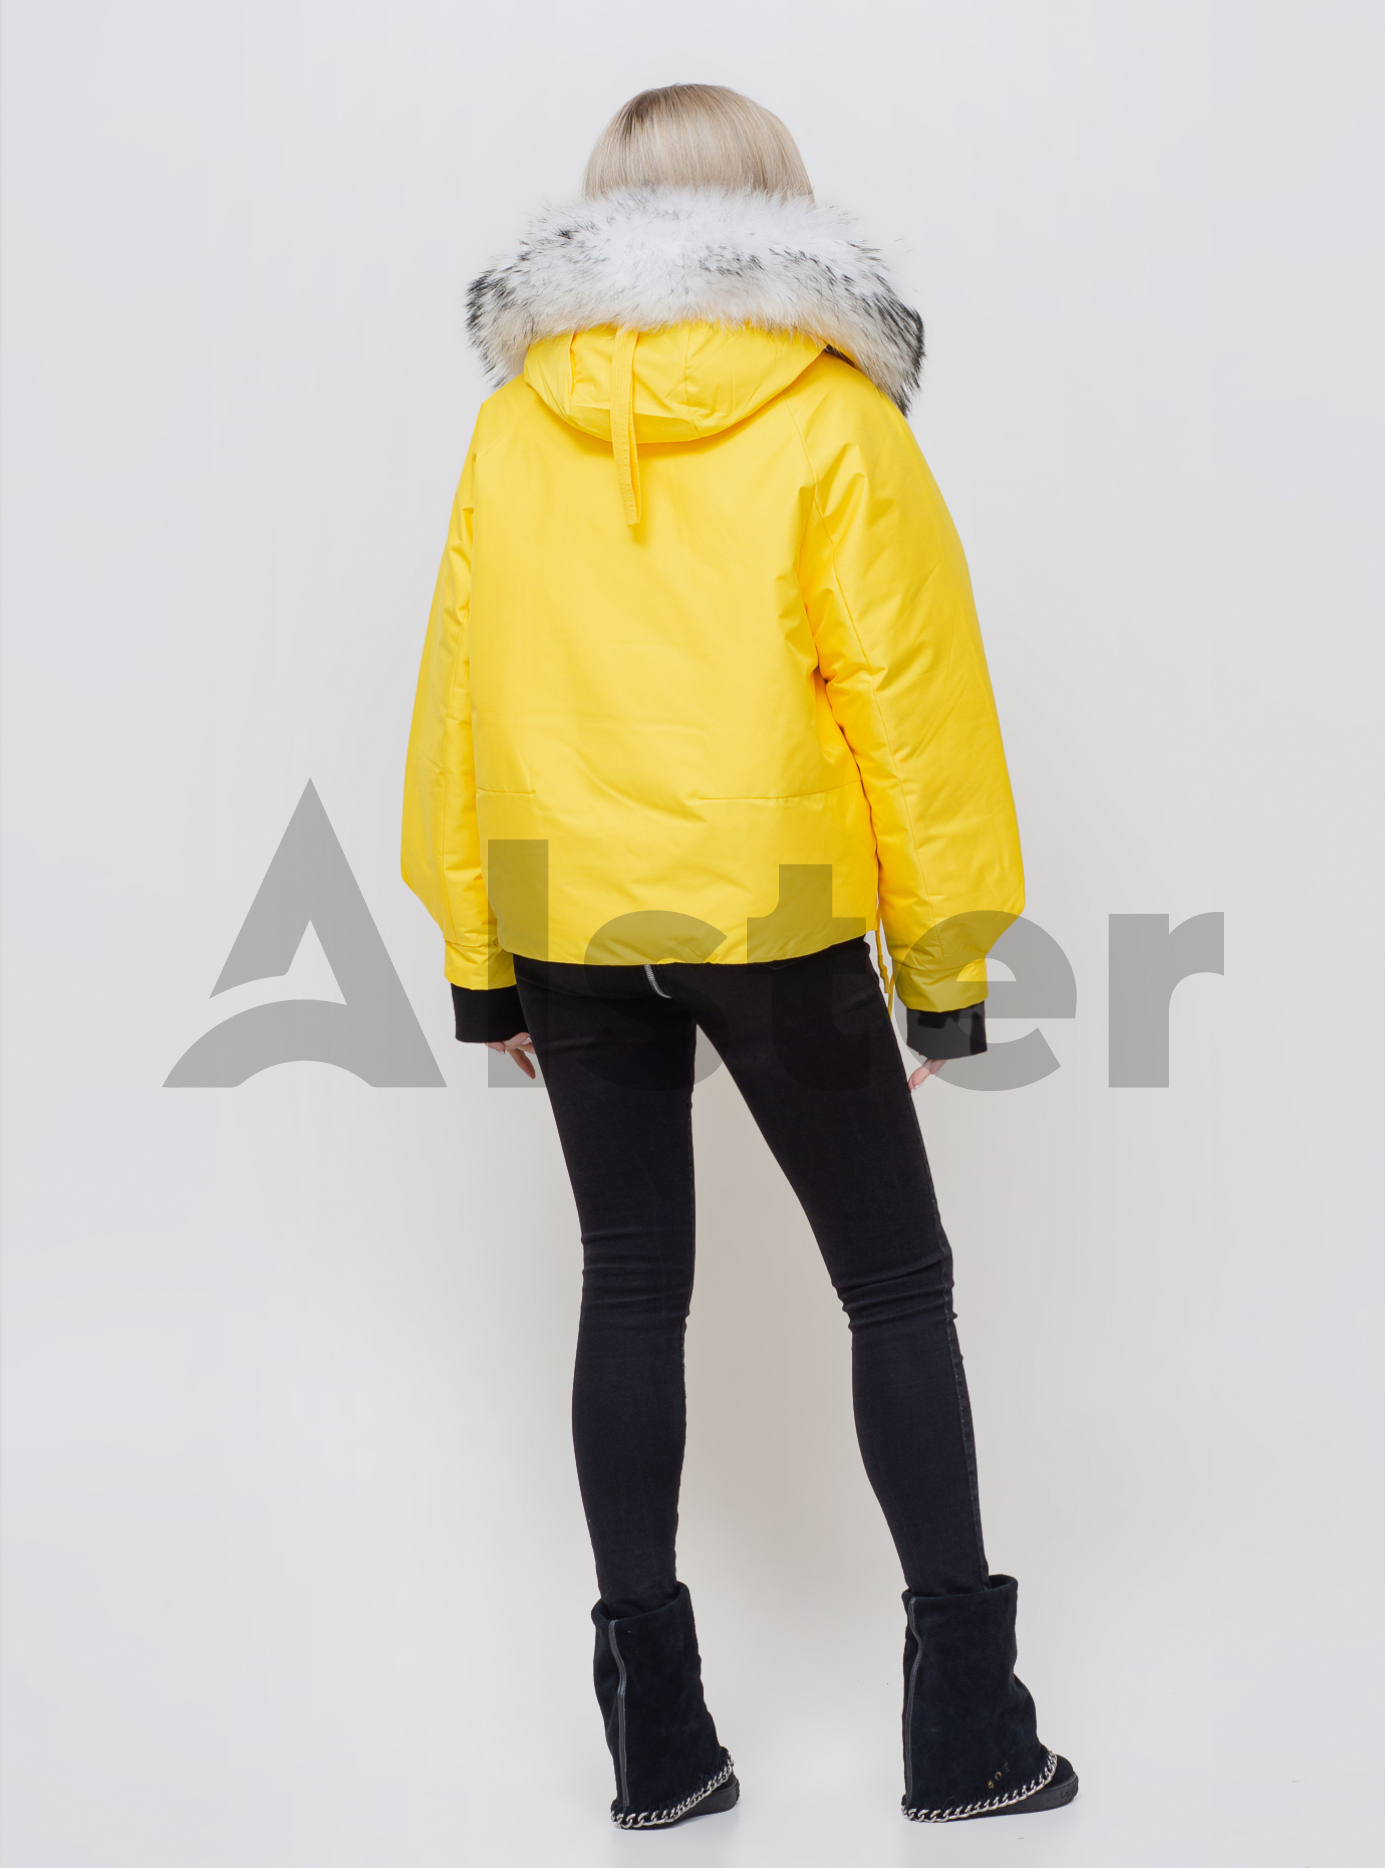 Жіноча зимова куртка з хутром Жовтий M (05-SV201054): фото - Alster.ua